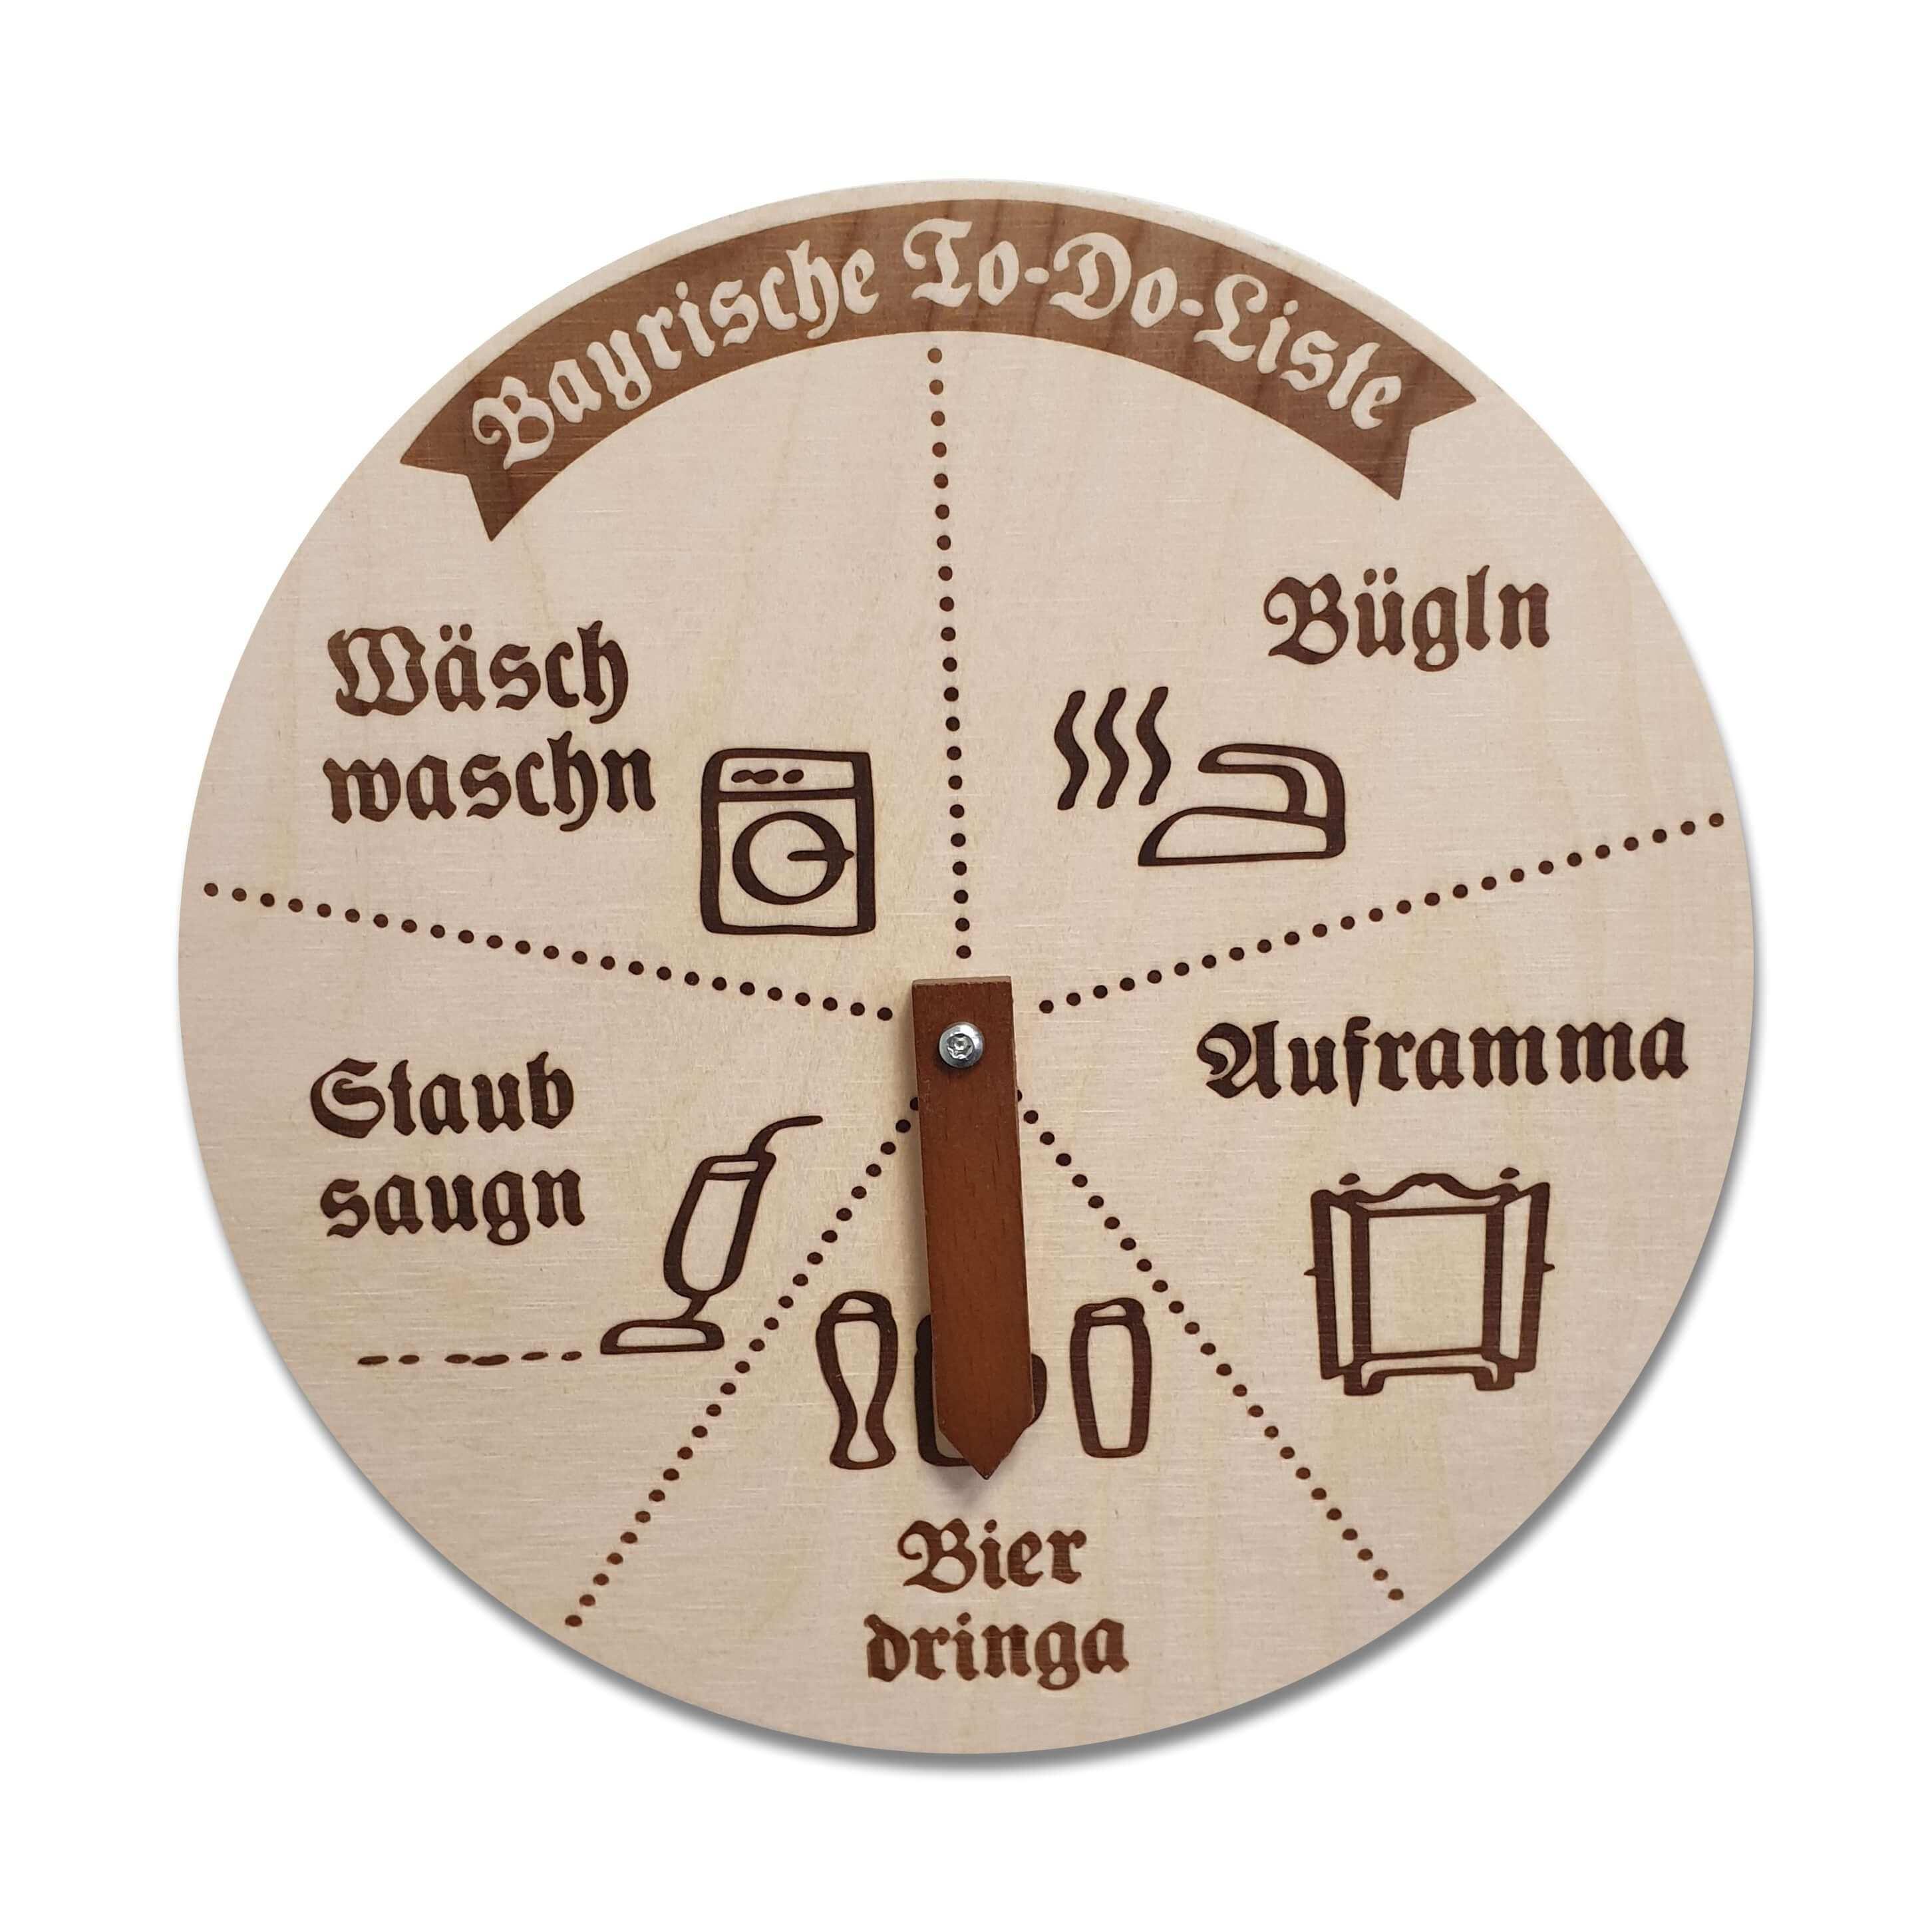 Drehscheibe Bayrische To Do Liste Bier Schilder To Do Liste Drehscheibe